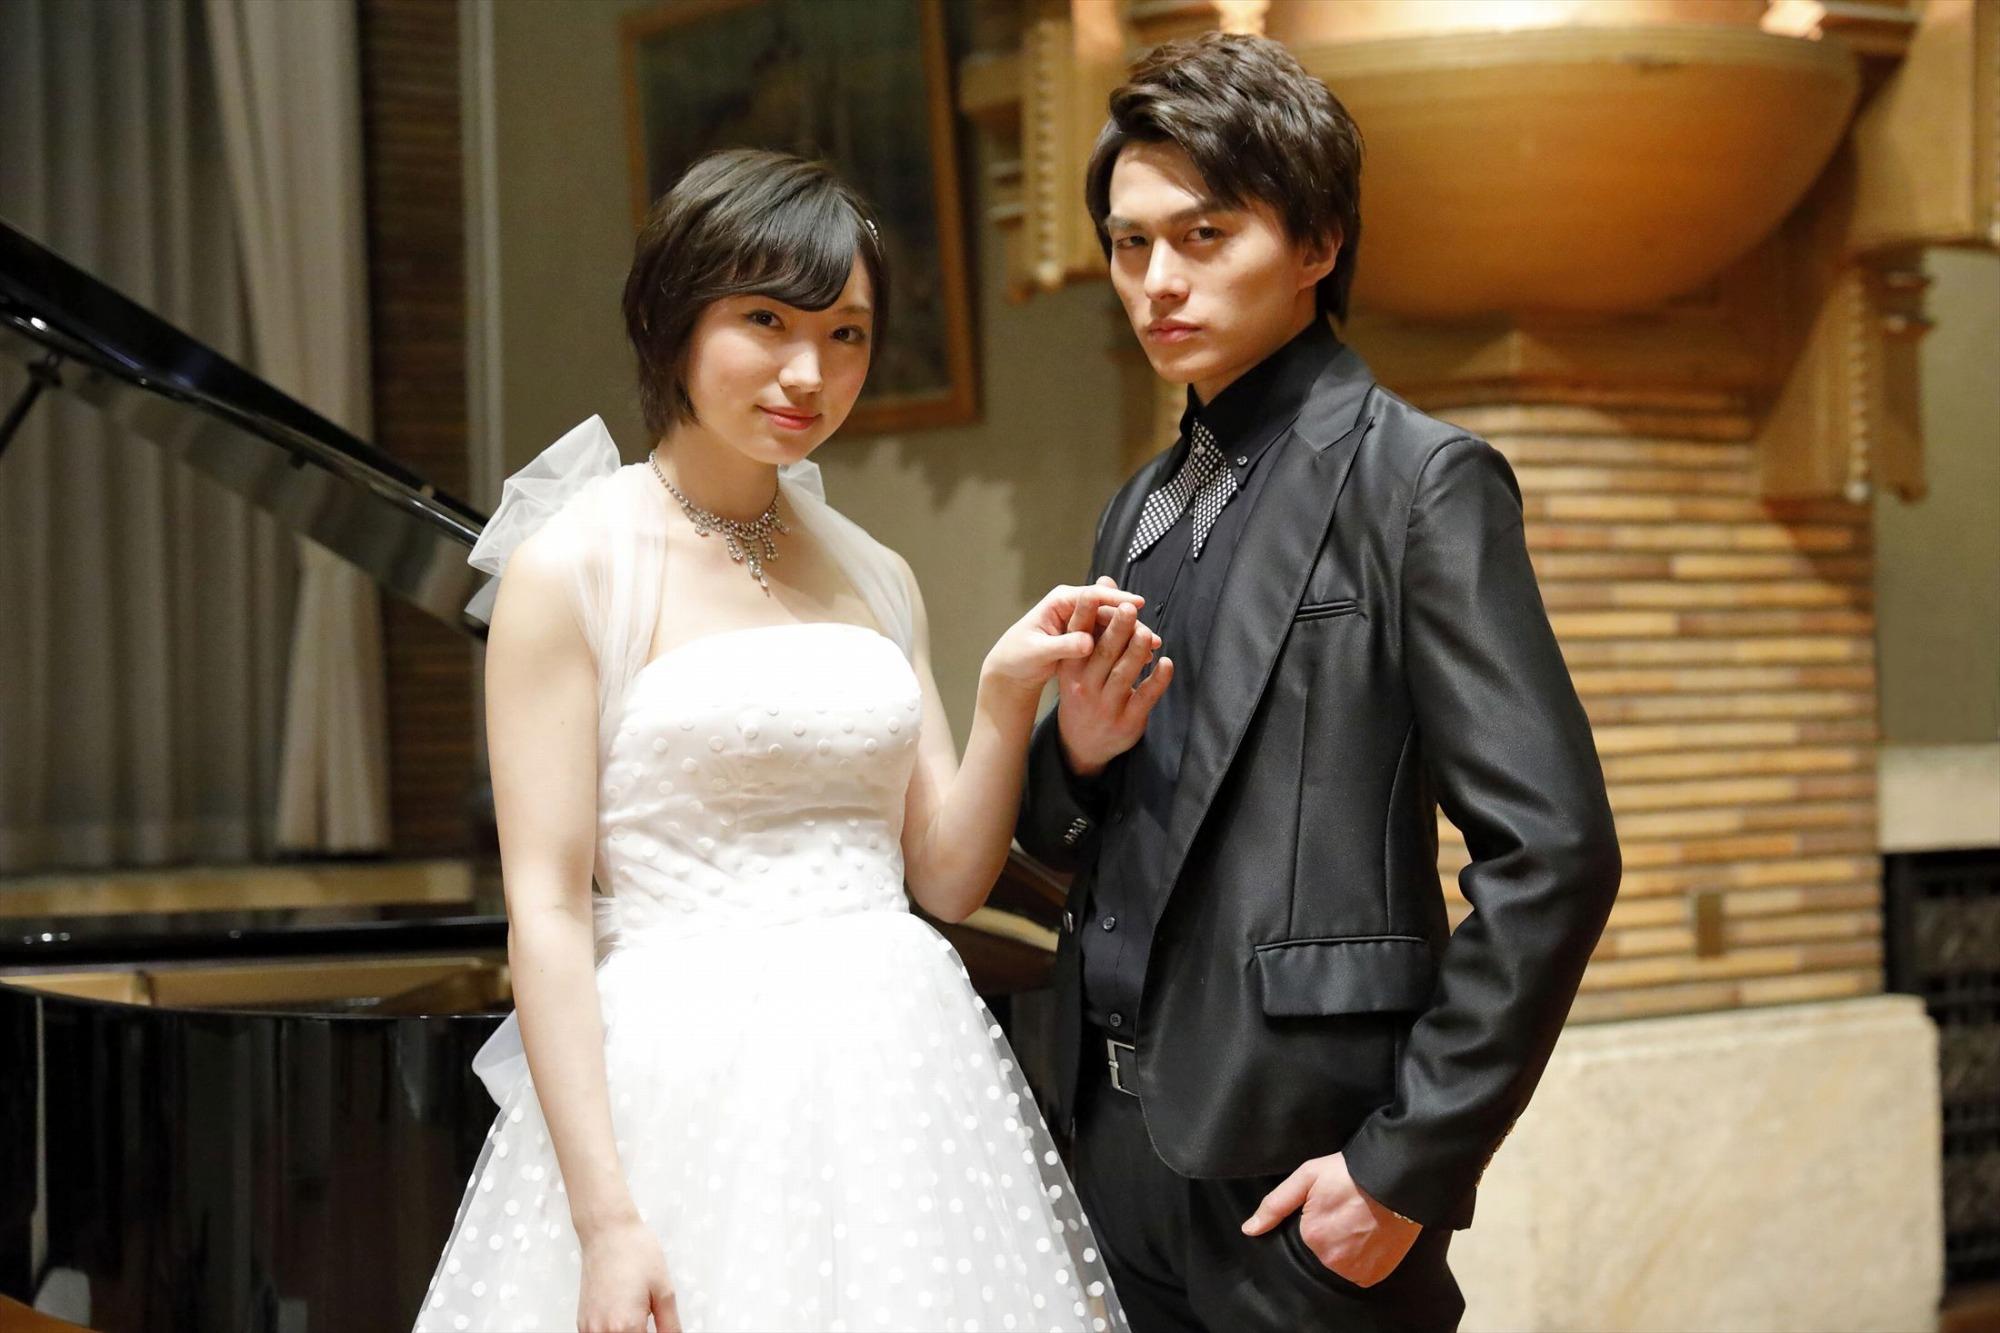 【太田夢莉】ゆーりが4/25スタートの新ドラマ「ミナミの帝王ZERO」にヒロイン役で出演